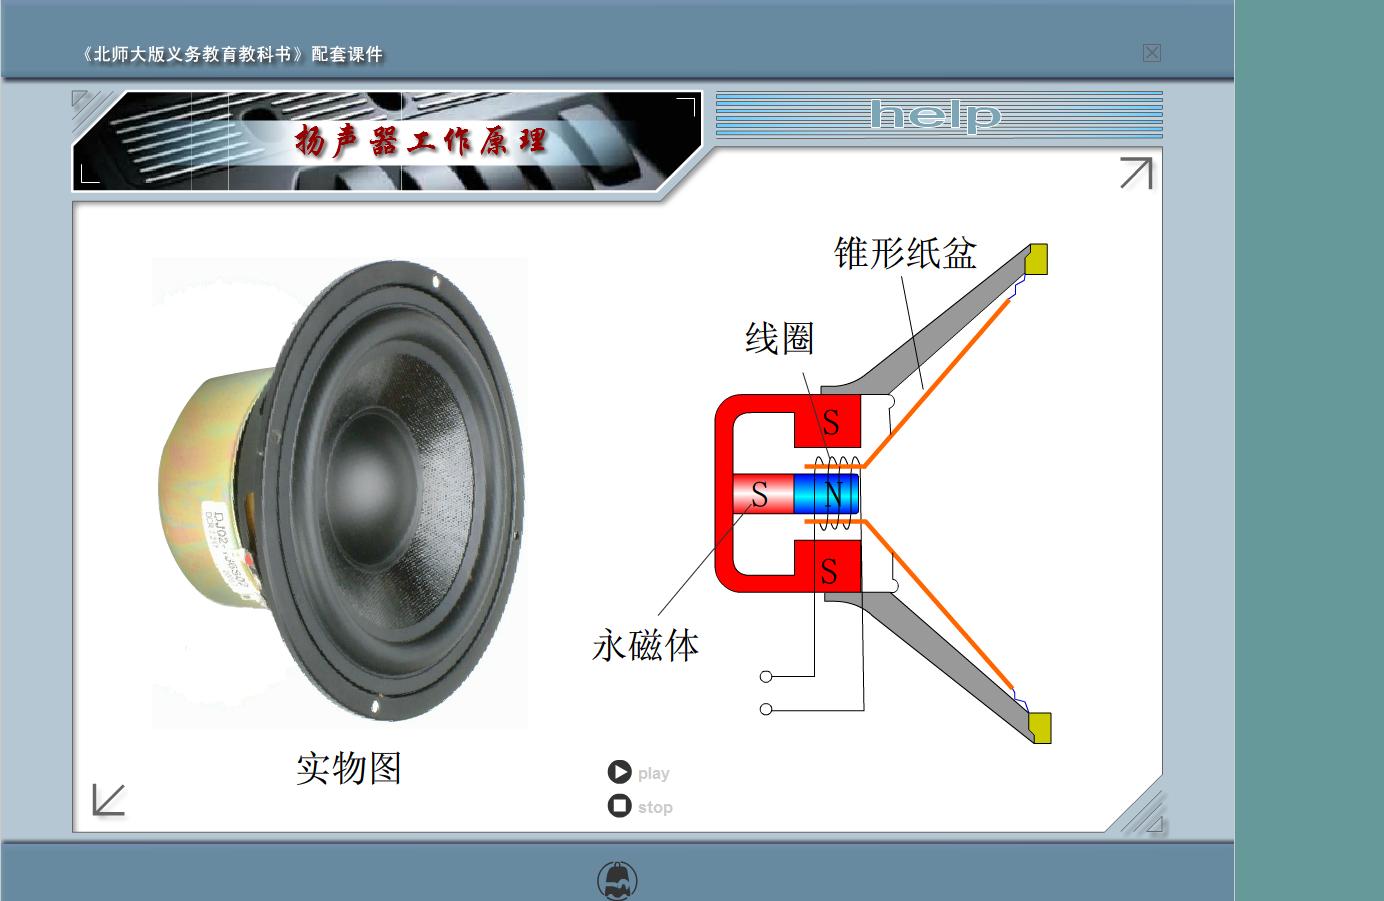 九年级 物理  扬声器工作原理-视频素材